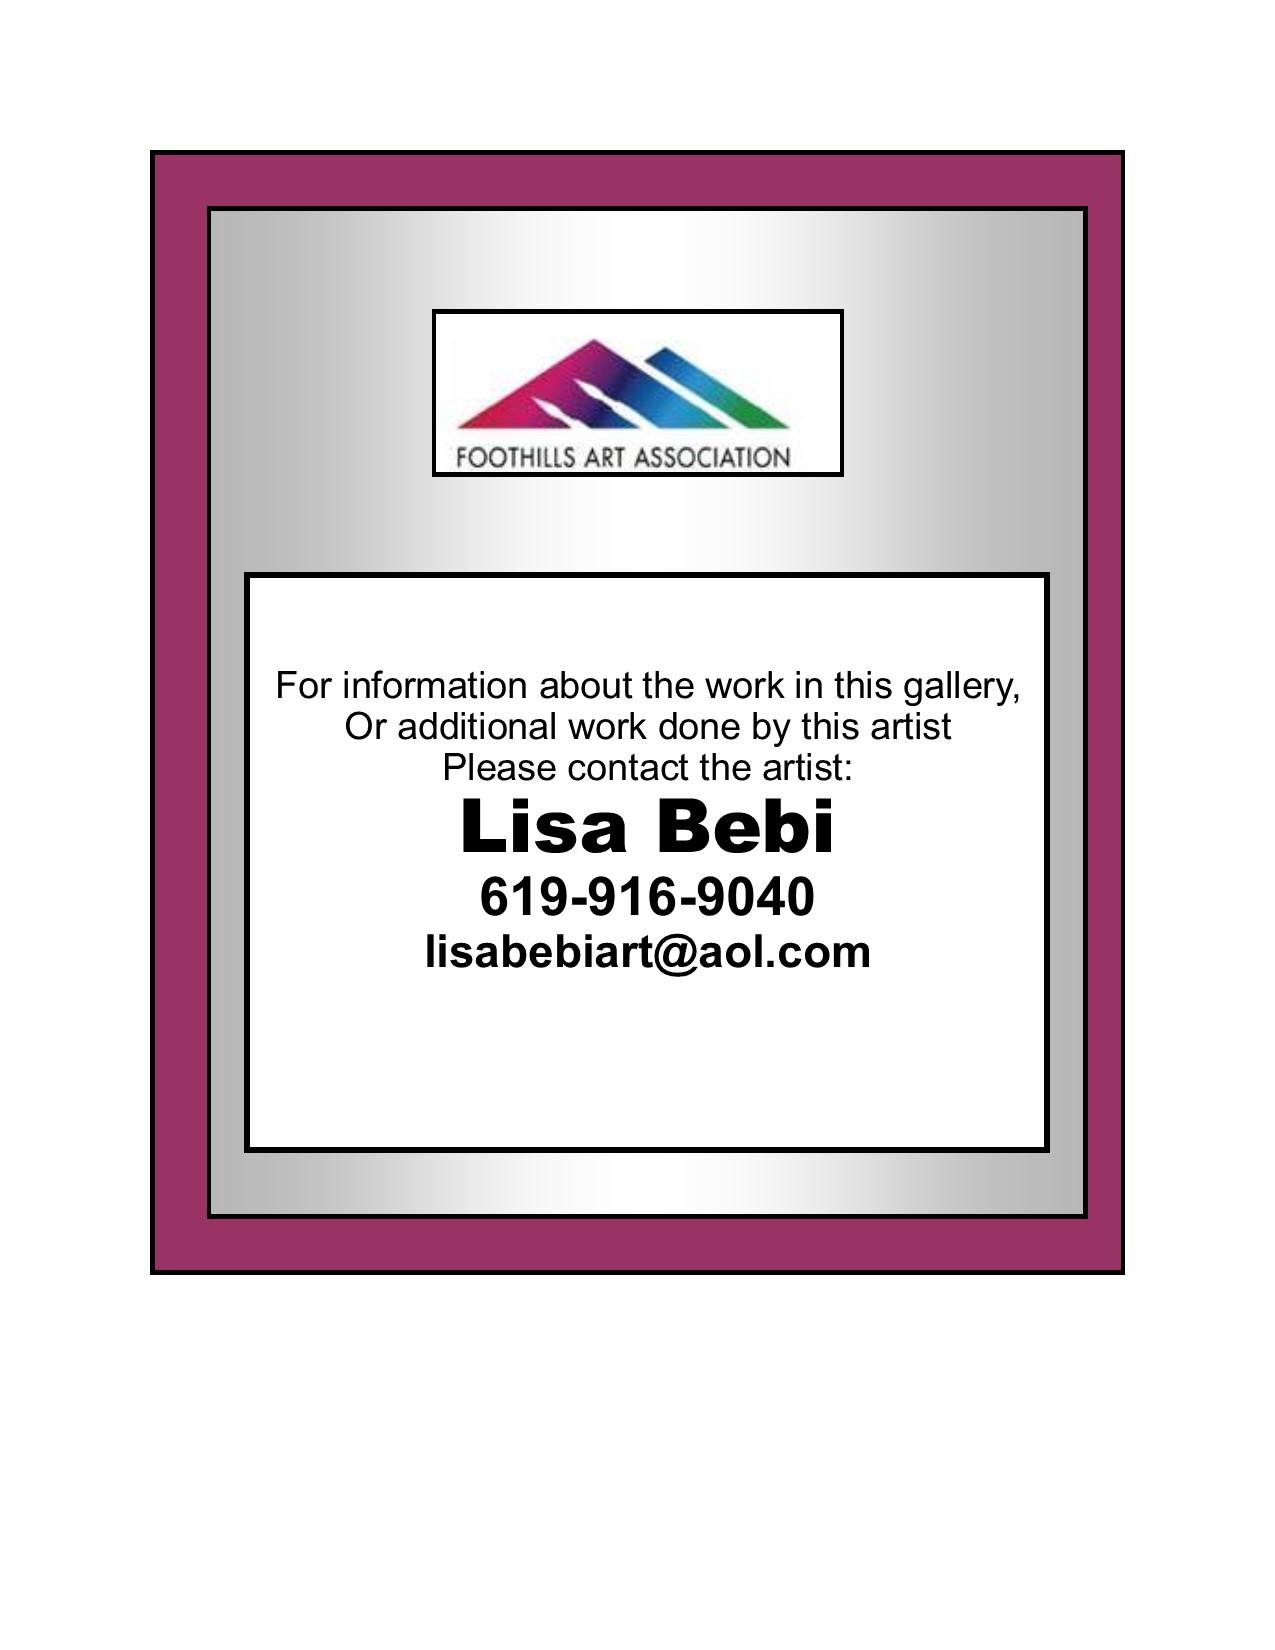 Lisa Bebi